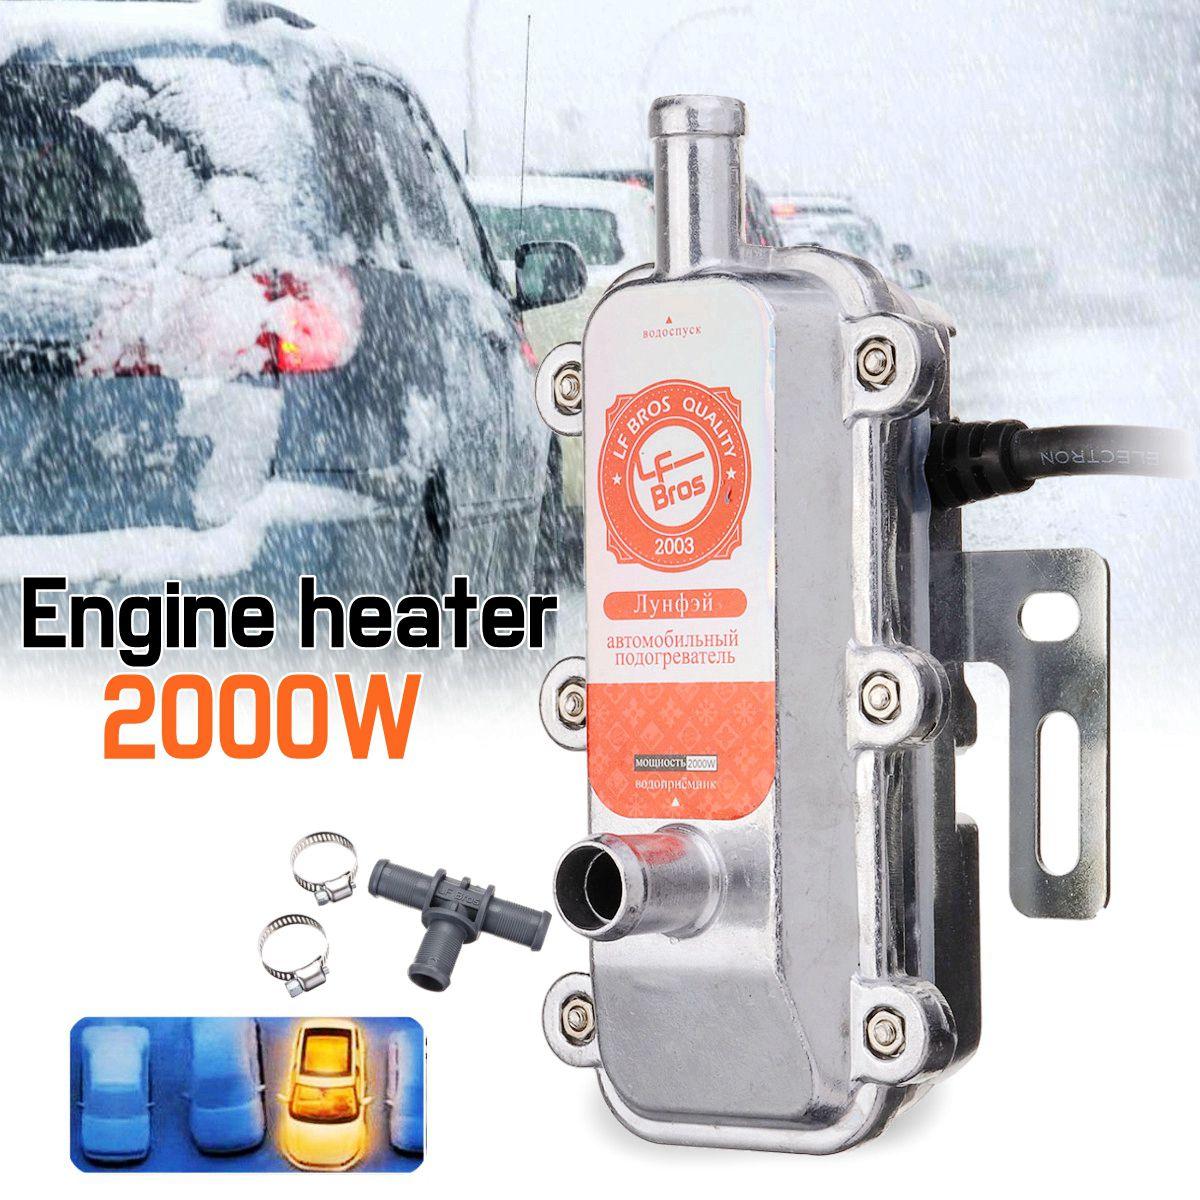 2000 W voiture moteur liquide de refroidissement chauffage préchauffeur pas Webastos Eberspacher moteur chauffage préchauffage Air Parking chauffage